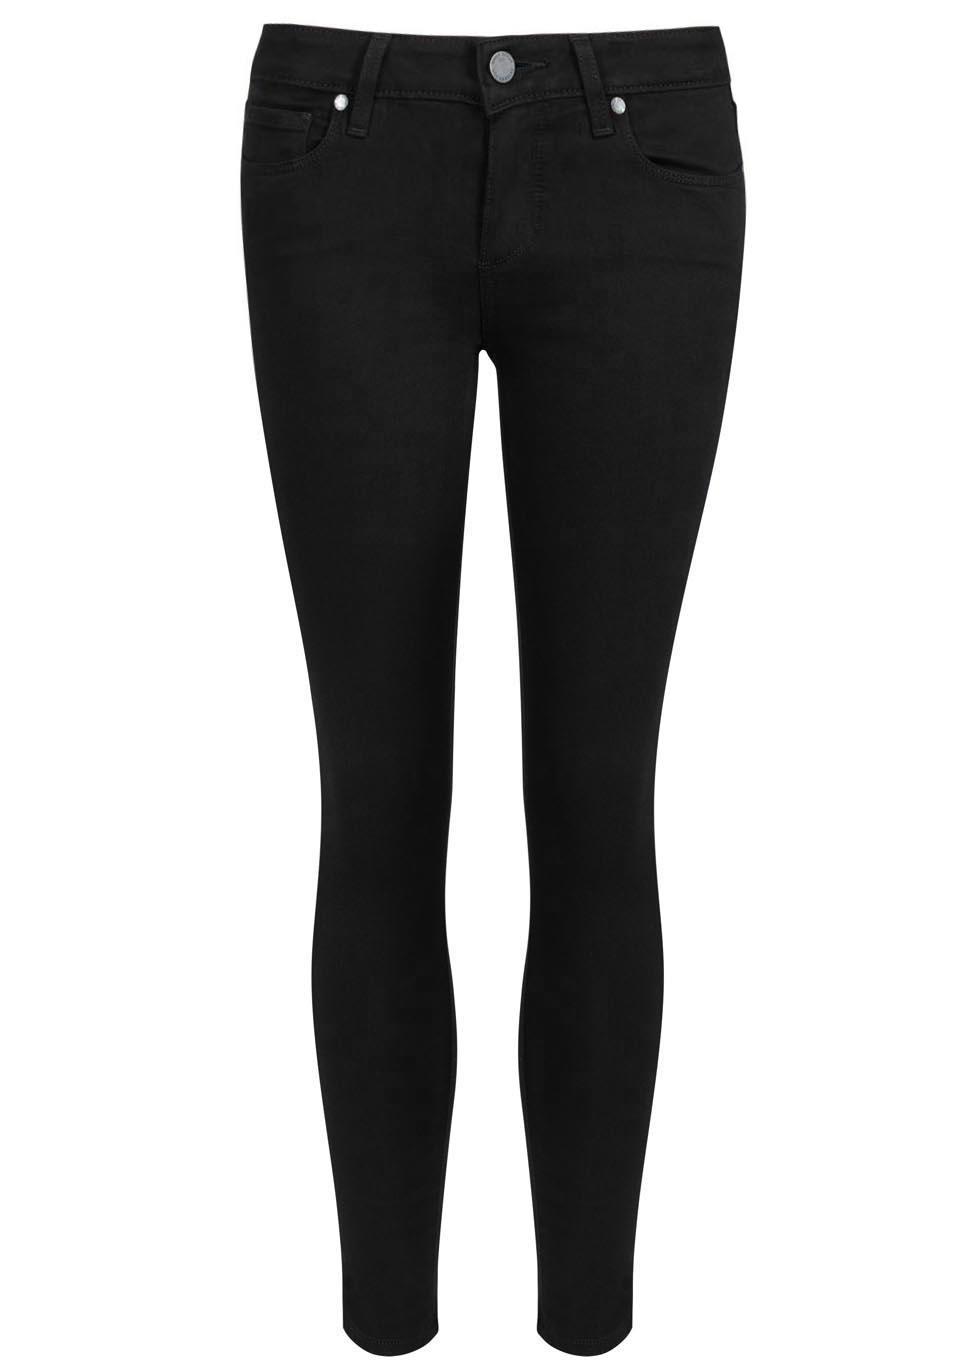 Verdugo Transcend black skinny jeans